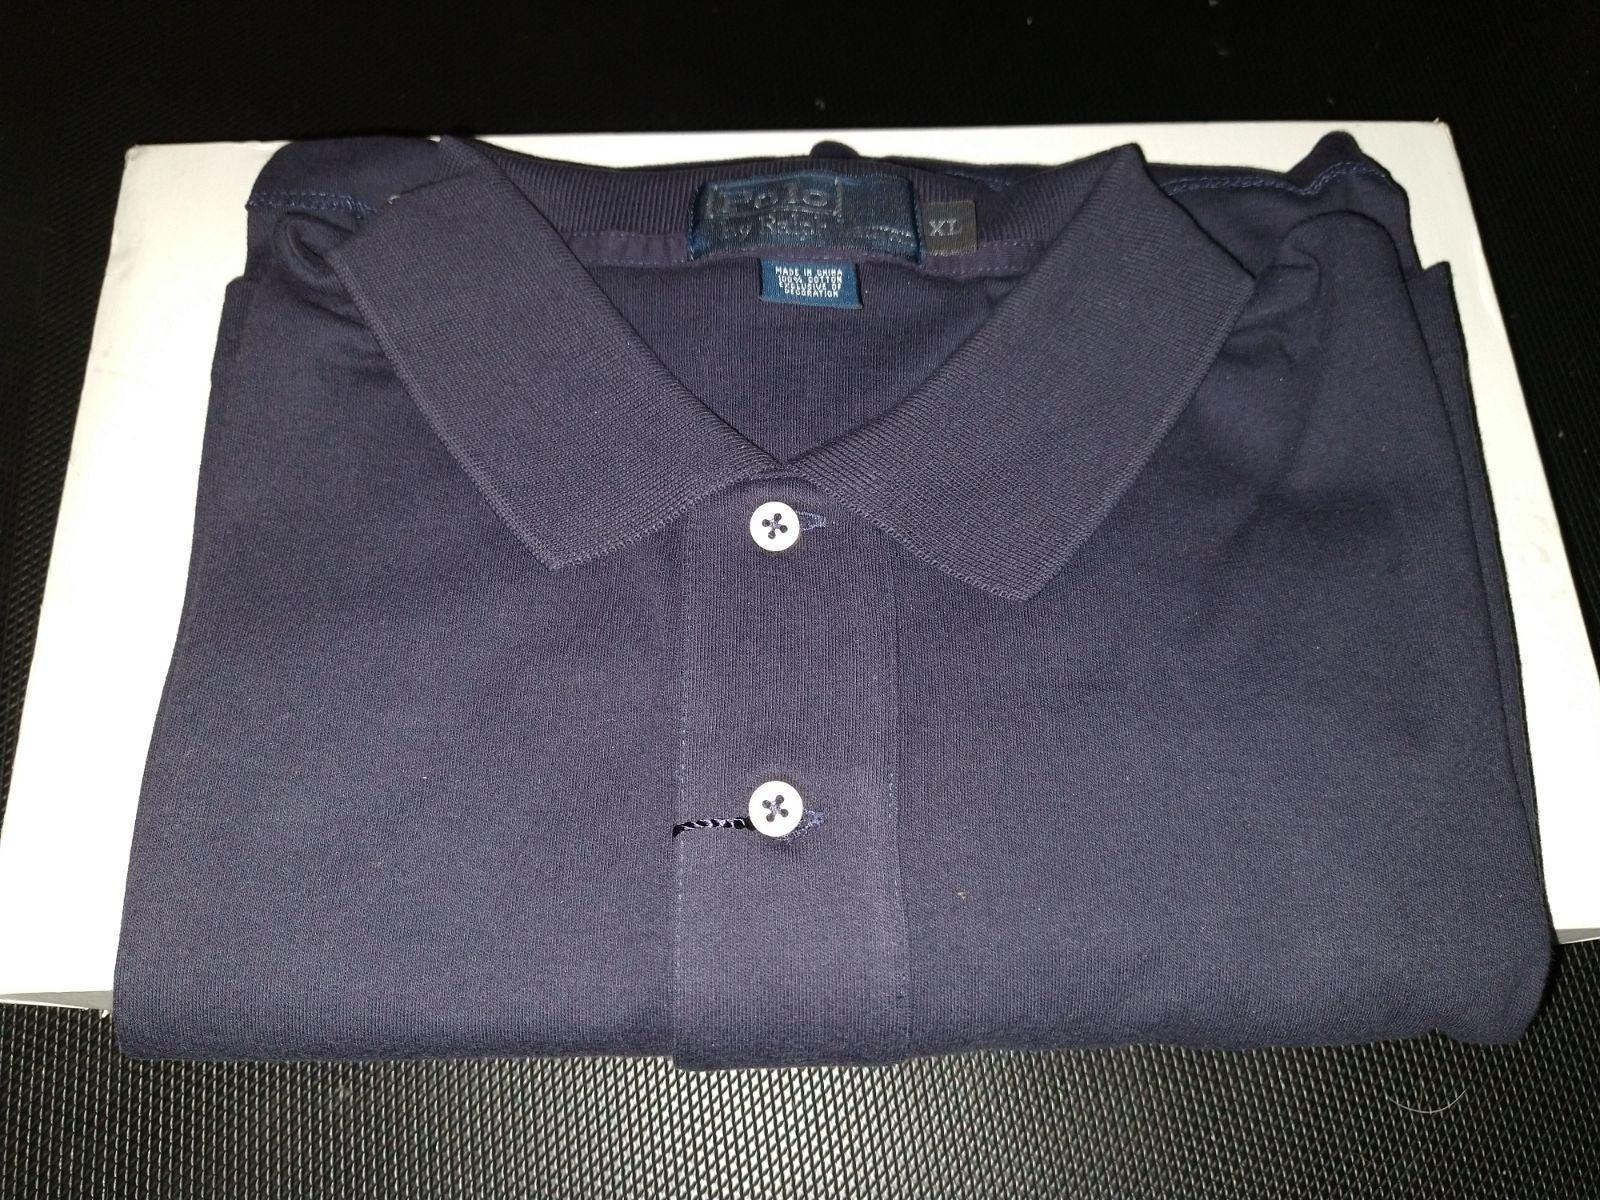 NEW Polo Ralph Lauren Collared Shirt XL